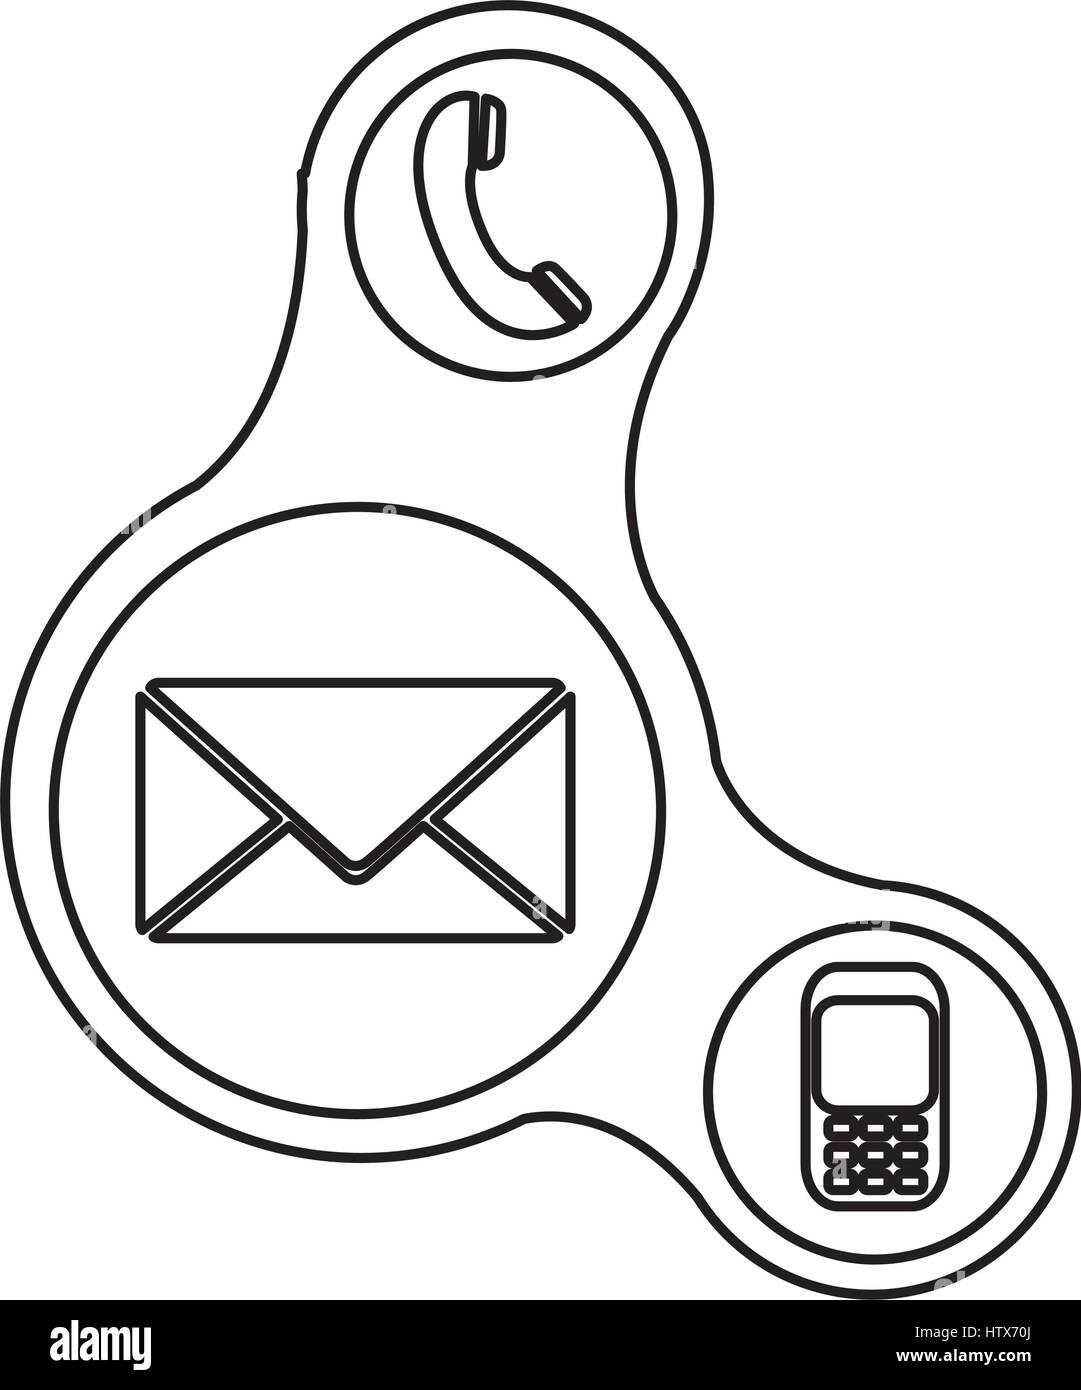 Pulsanti icone del servizio dati Immagini Stock